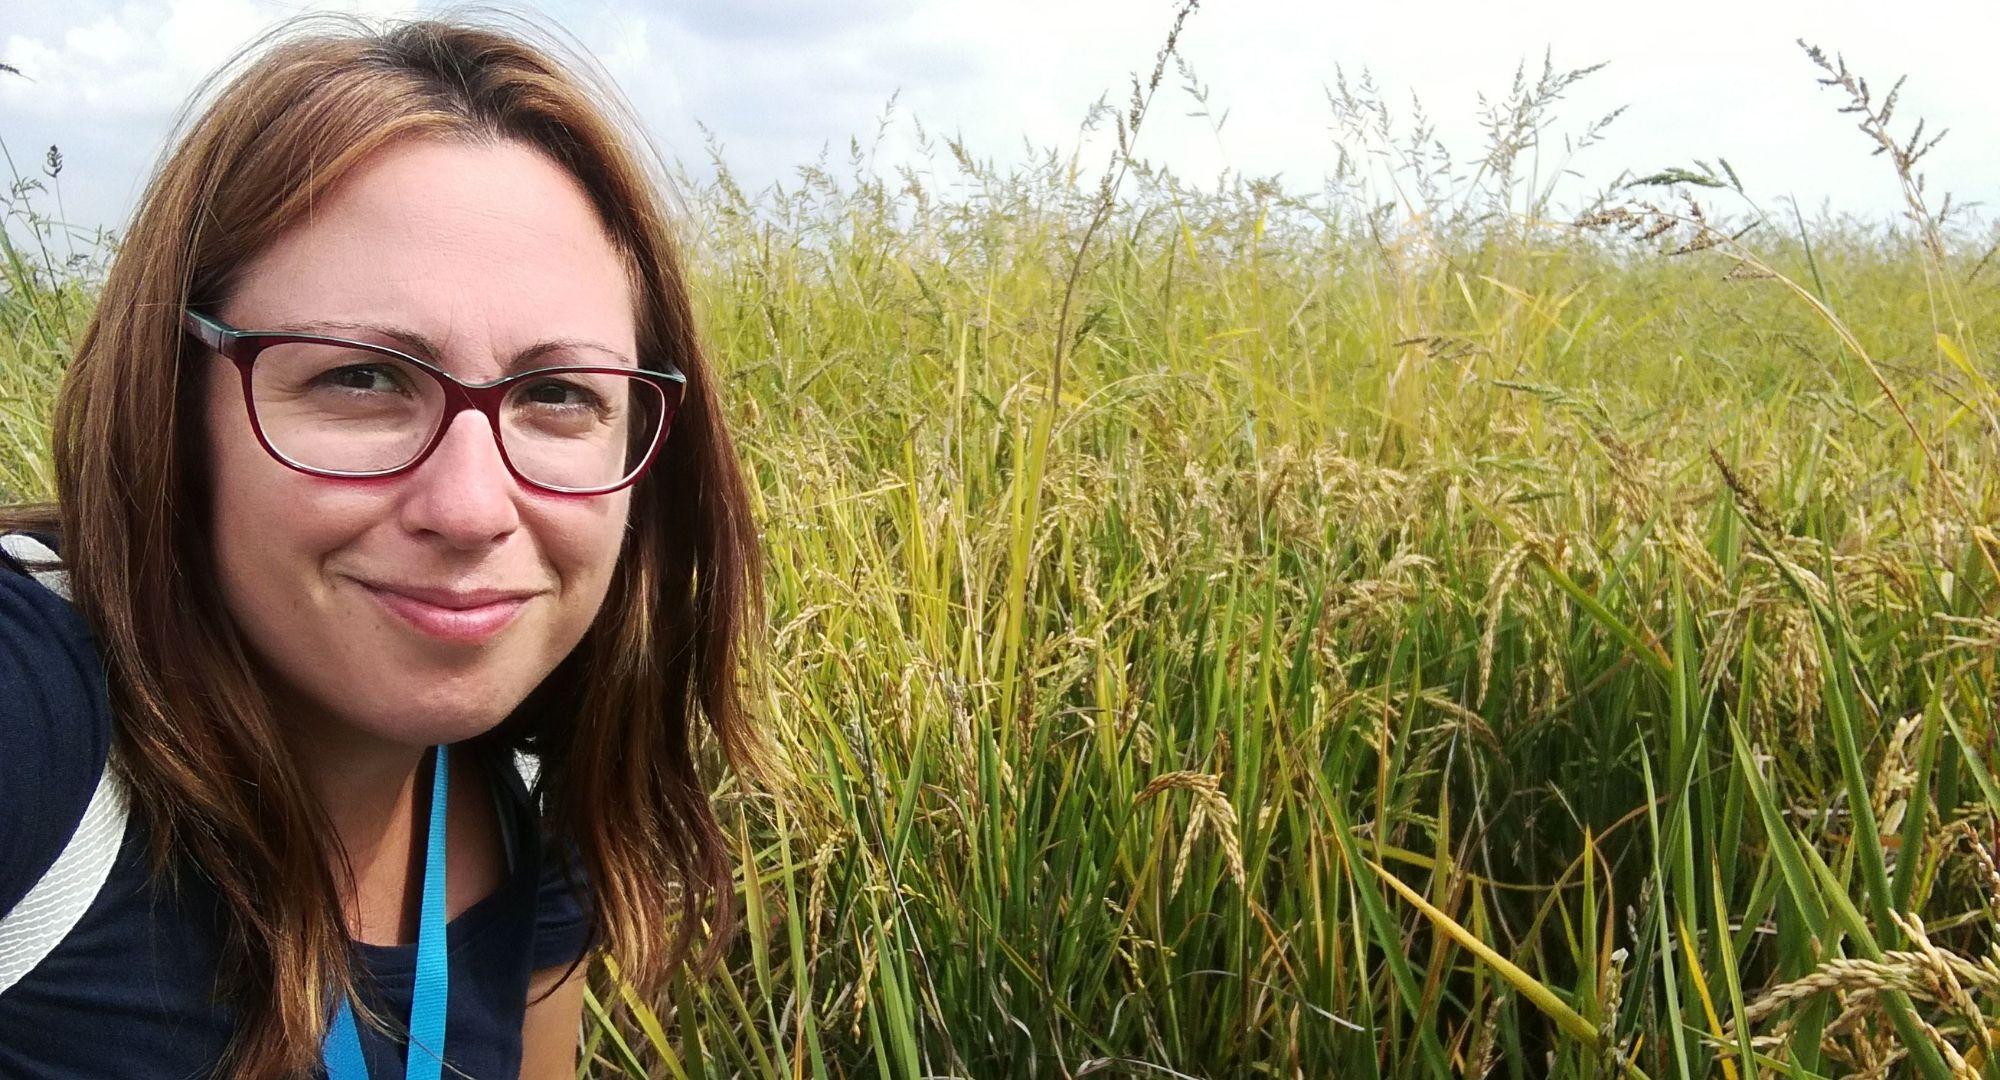 il risotto: come nasce nelle risaie del Piemonte